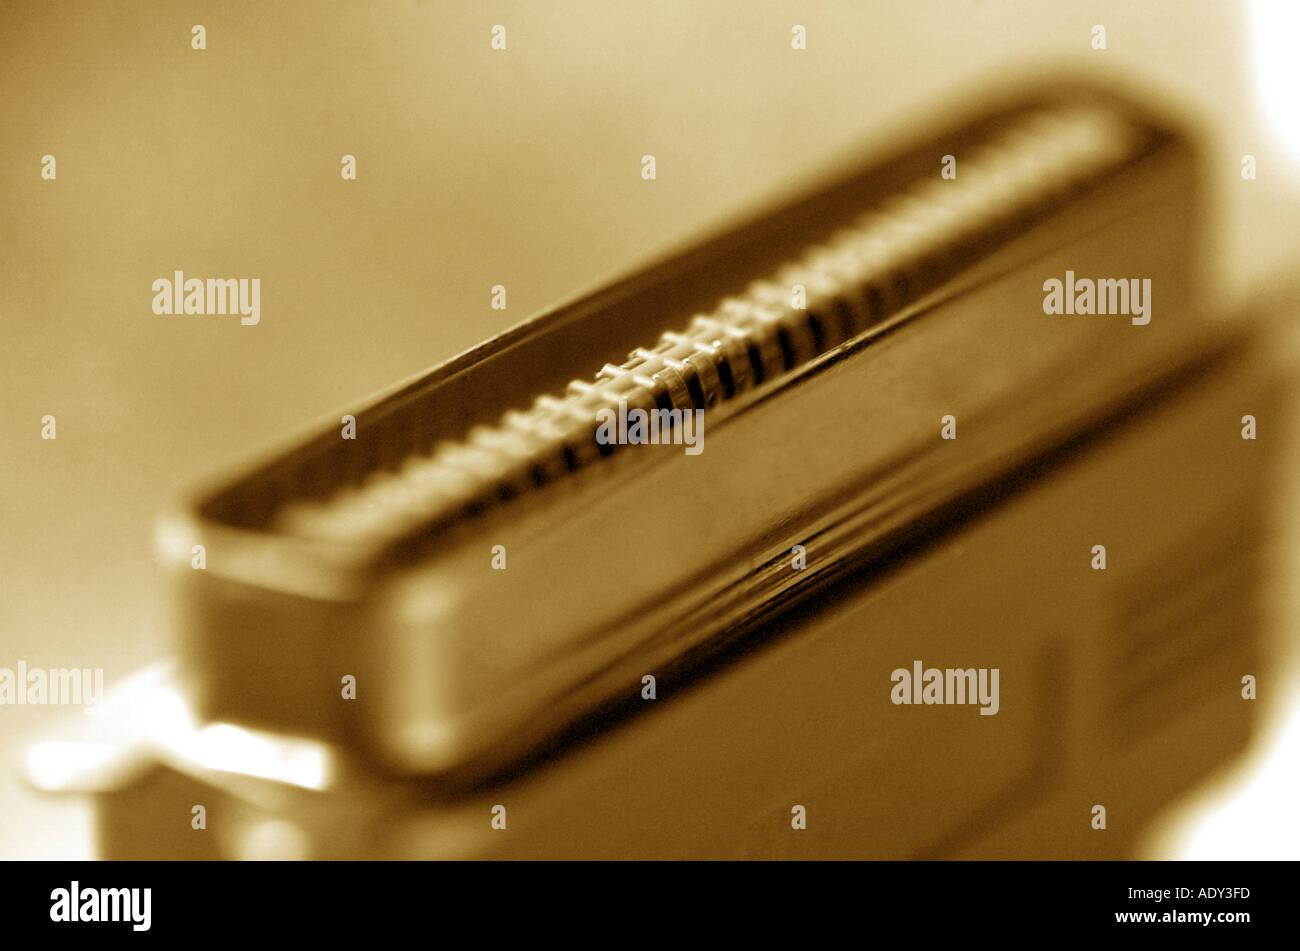 Ordinateur Pers noir et blanc b w socket serial cable imprimante ordinateur technologie concept Photo Stock